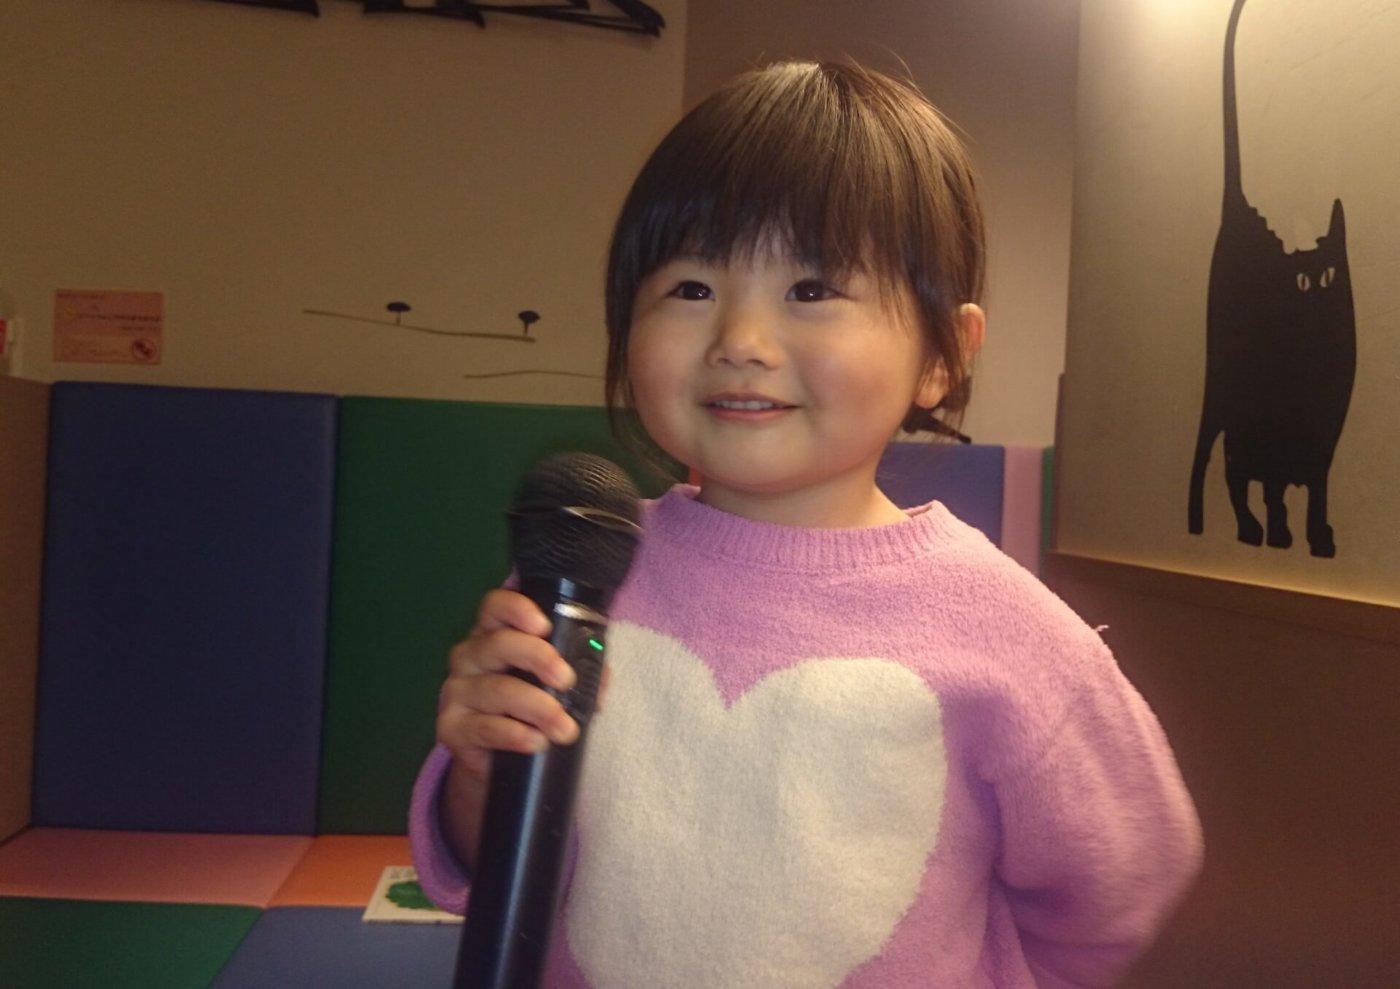 カラオケで歌うと盛り上がるアイドルランキング